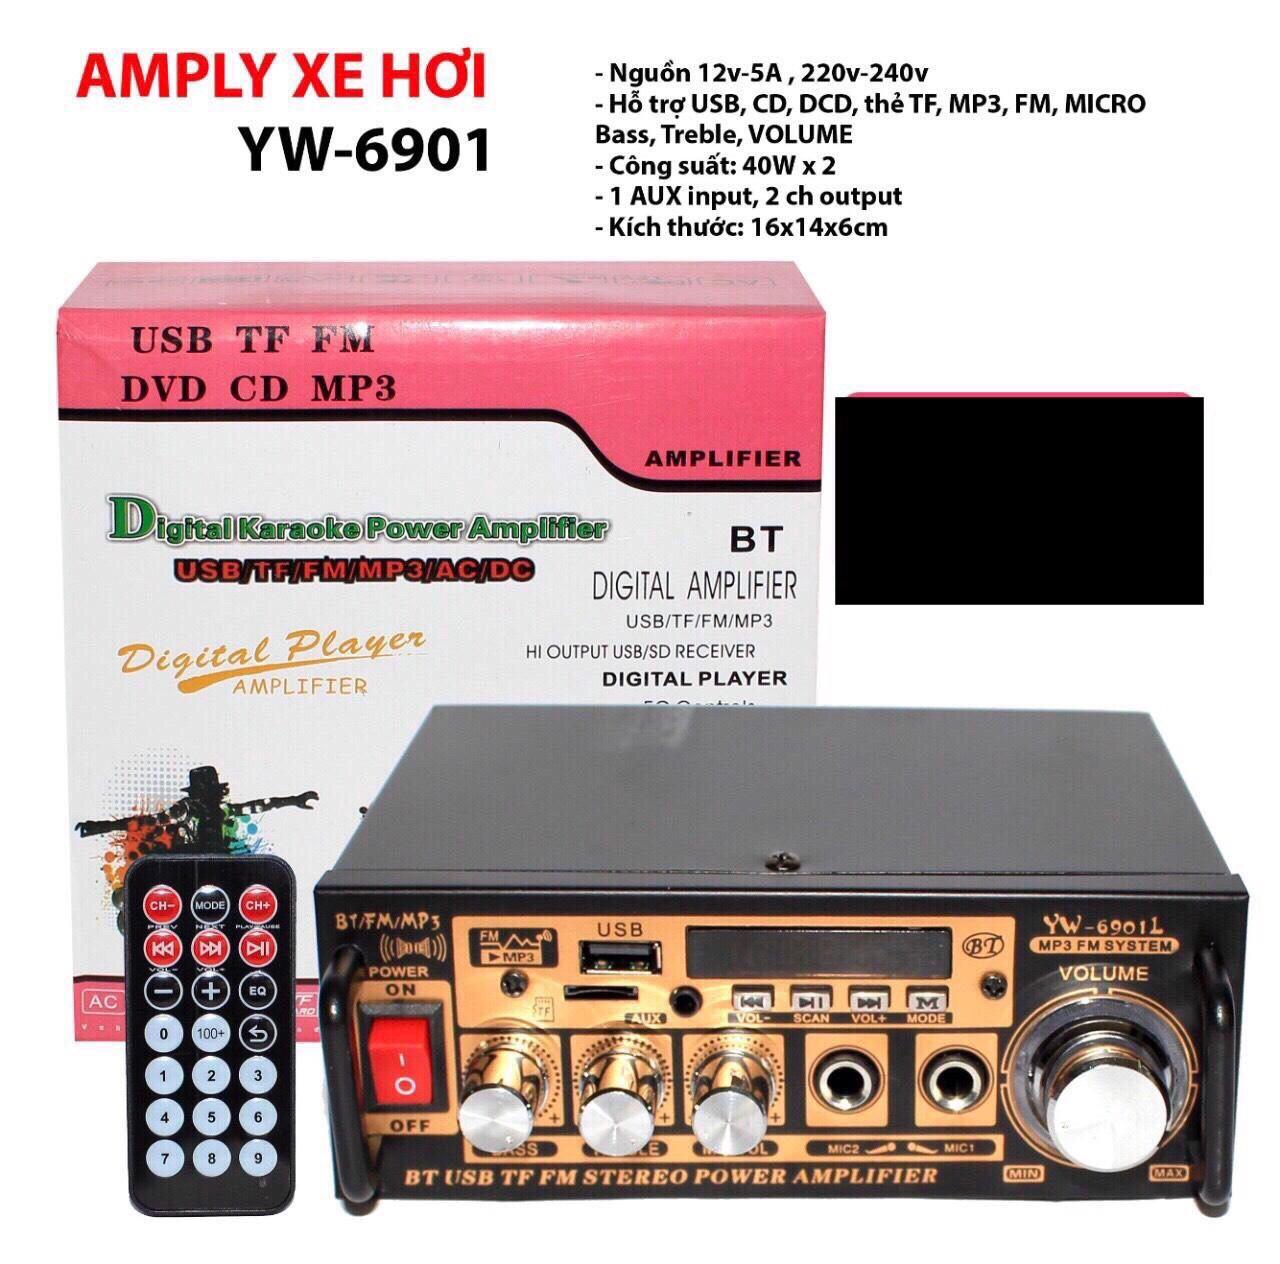 [HCM]Amply Karaoke Dàn Karaoke Âmply Giá Rẻ điện máy XANH AmpLy Cho Tất Cả Các Dòng Xe Hơi  Bộ Khuếch Đại Âm Thanh Bộ Âmly Cho Xe Hơi Cao Cấp Ampli 12V 220V Bluetooth Đa Chức Năng Âm Thanh Cực Chất  Siêu Bền Đẹp